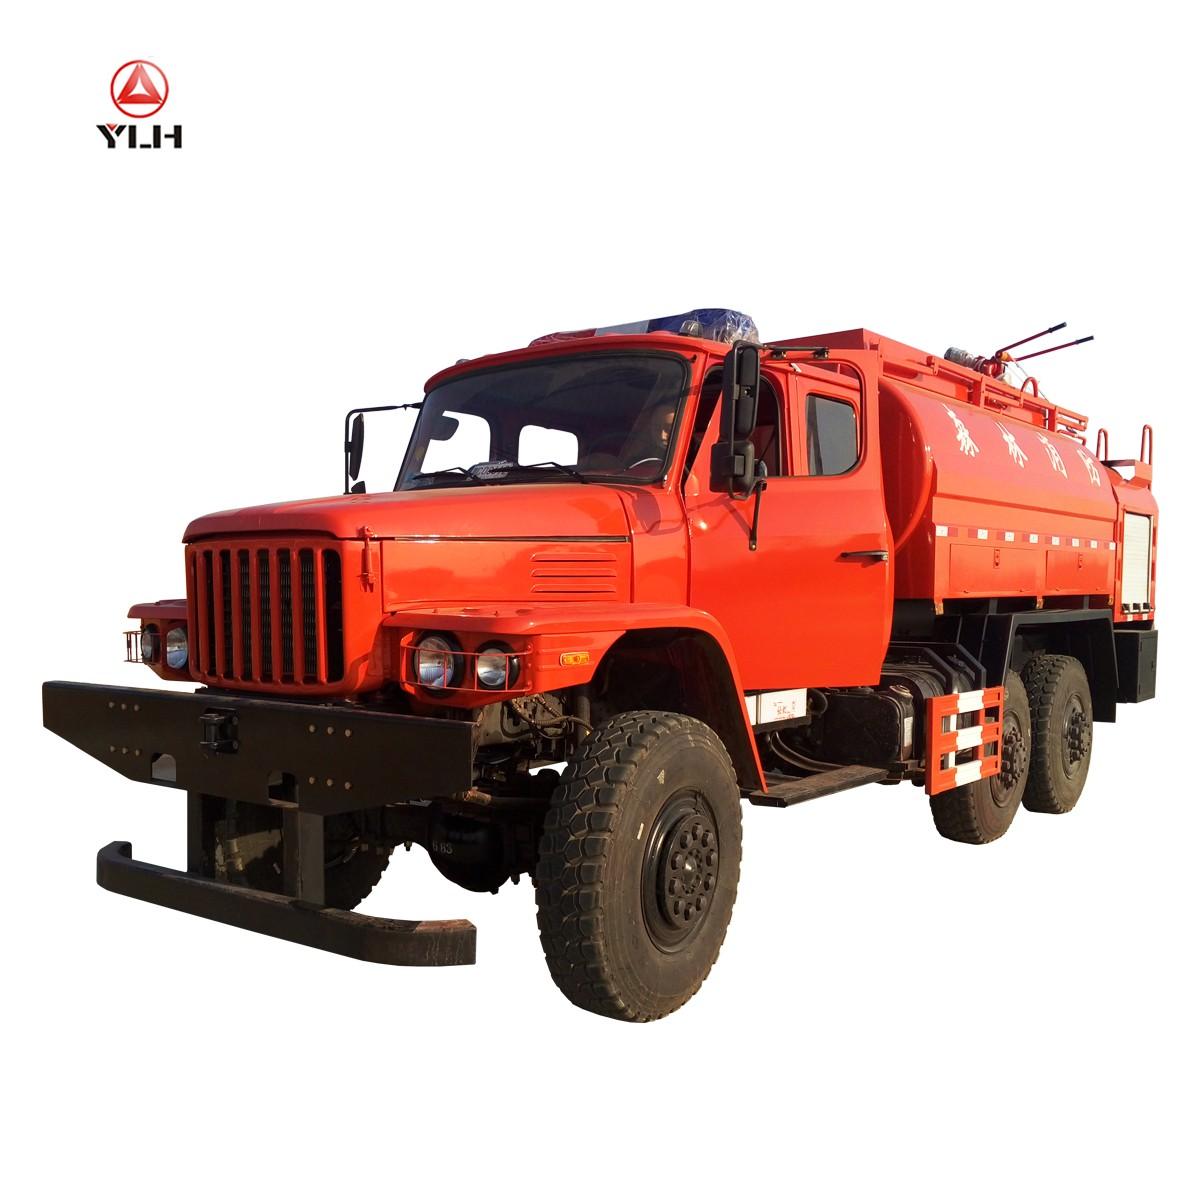 खरीदने के लिए 10 एम 3 ऑफ रोड 6x6 फायर फाइटिंग टैंक ट्रक,10 एम 3 ऑफ रोड 6x6 फायर फाइटिंग टैंक ट्रक दाम,10 एम 3 ऑफ रोड 6x6 फायर फाइटिंग टैंक ट्रक ब्रांड,10 एम 3 ऑफ रोड 6x6 फायर फाइटिंग टैंक ट्रक मैन्युफैक्चरर्स,10 एम 3 ऑफ रोड 6x6 फायर फाइटिंग टैंक ट्रक उद्धृत मूल्य,10 एम 3 ऑफ रोड 6x6 फायर फाइटिंग टैंक ट्रक कंपनी,